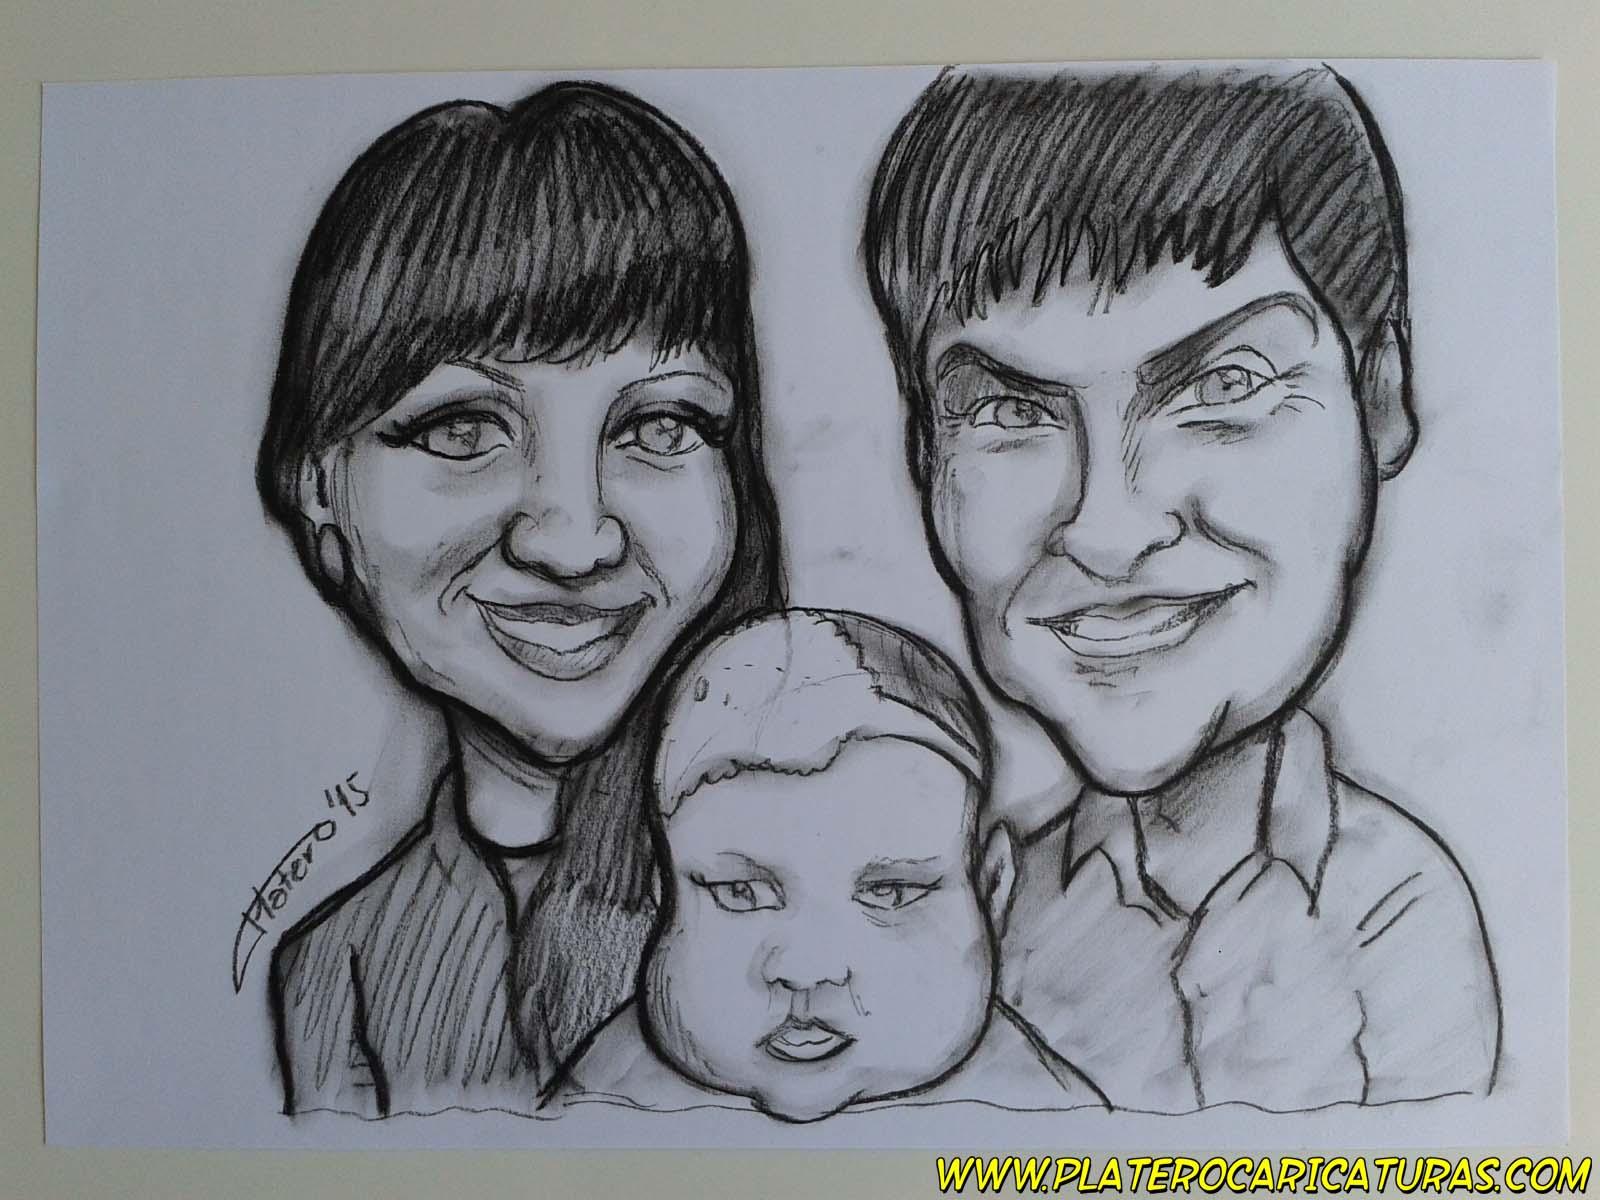 caricaturas_rápidas_a_carboncillo_familia_pareja_con_bebé_platerocaricaturas_jos